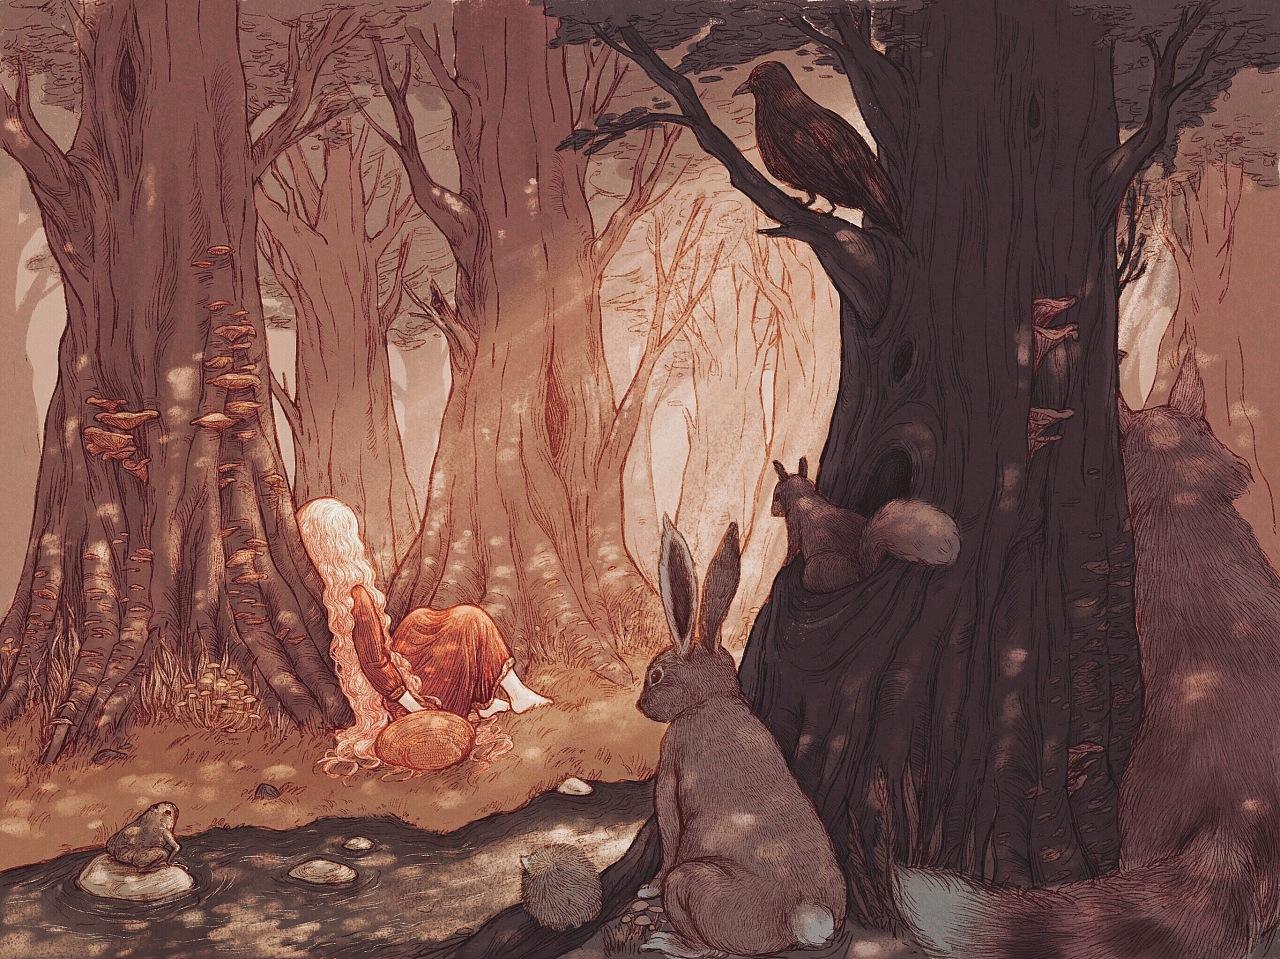 「旧图」沉睡森林图片